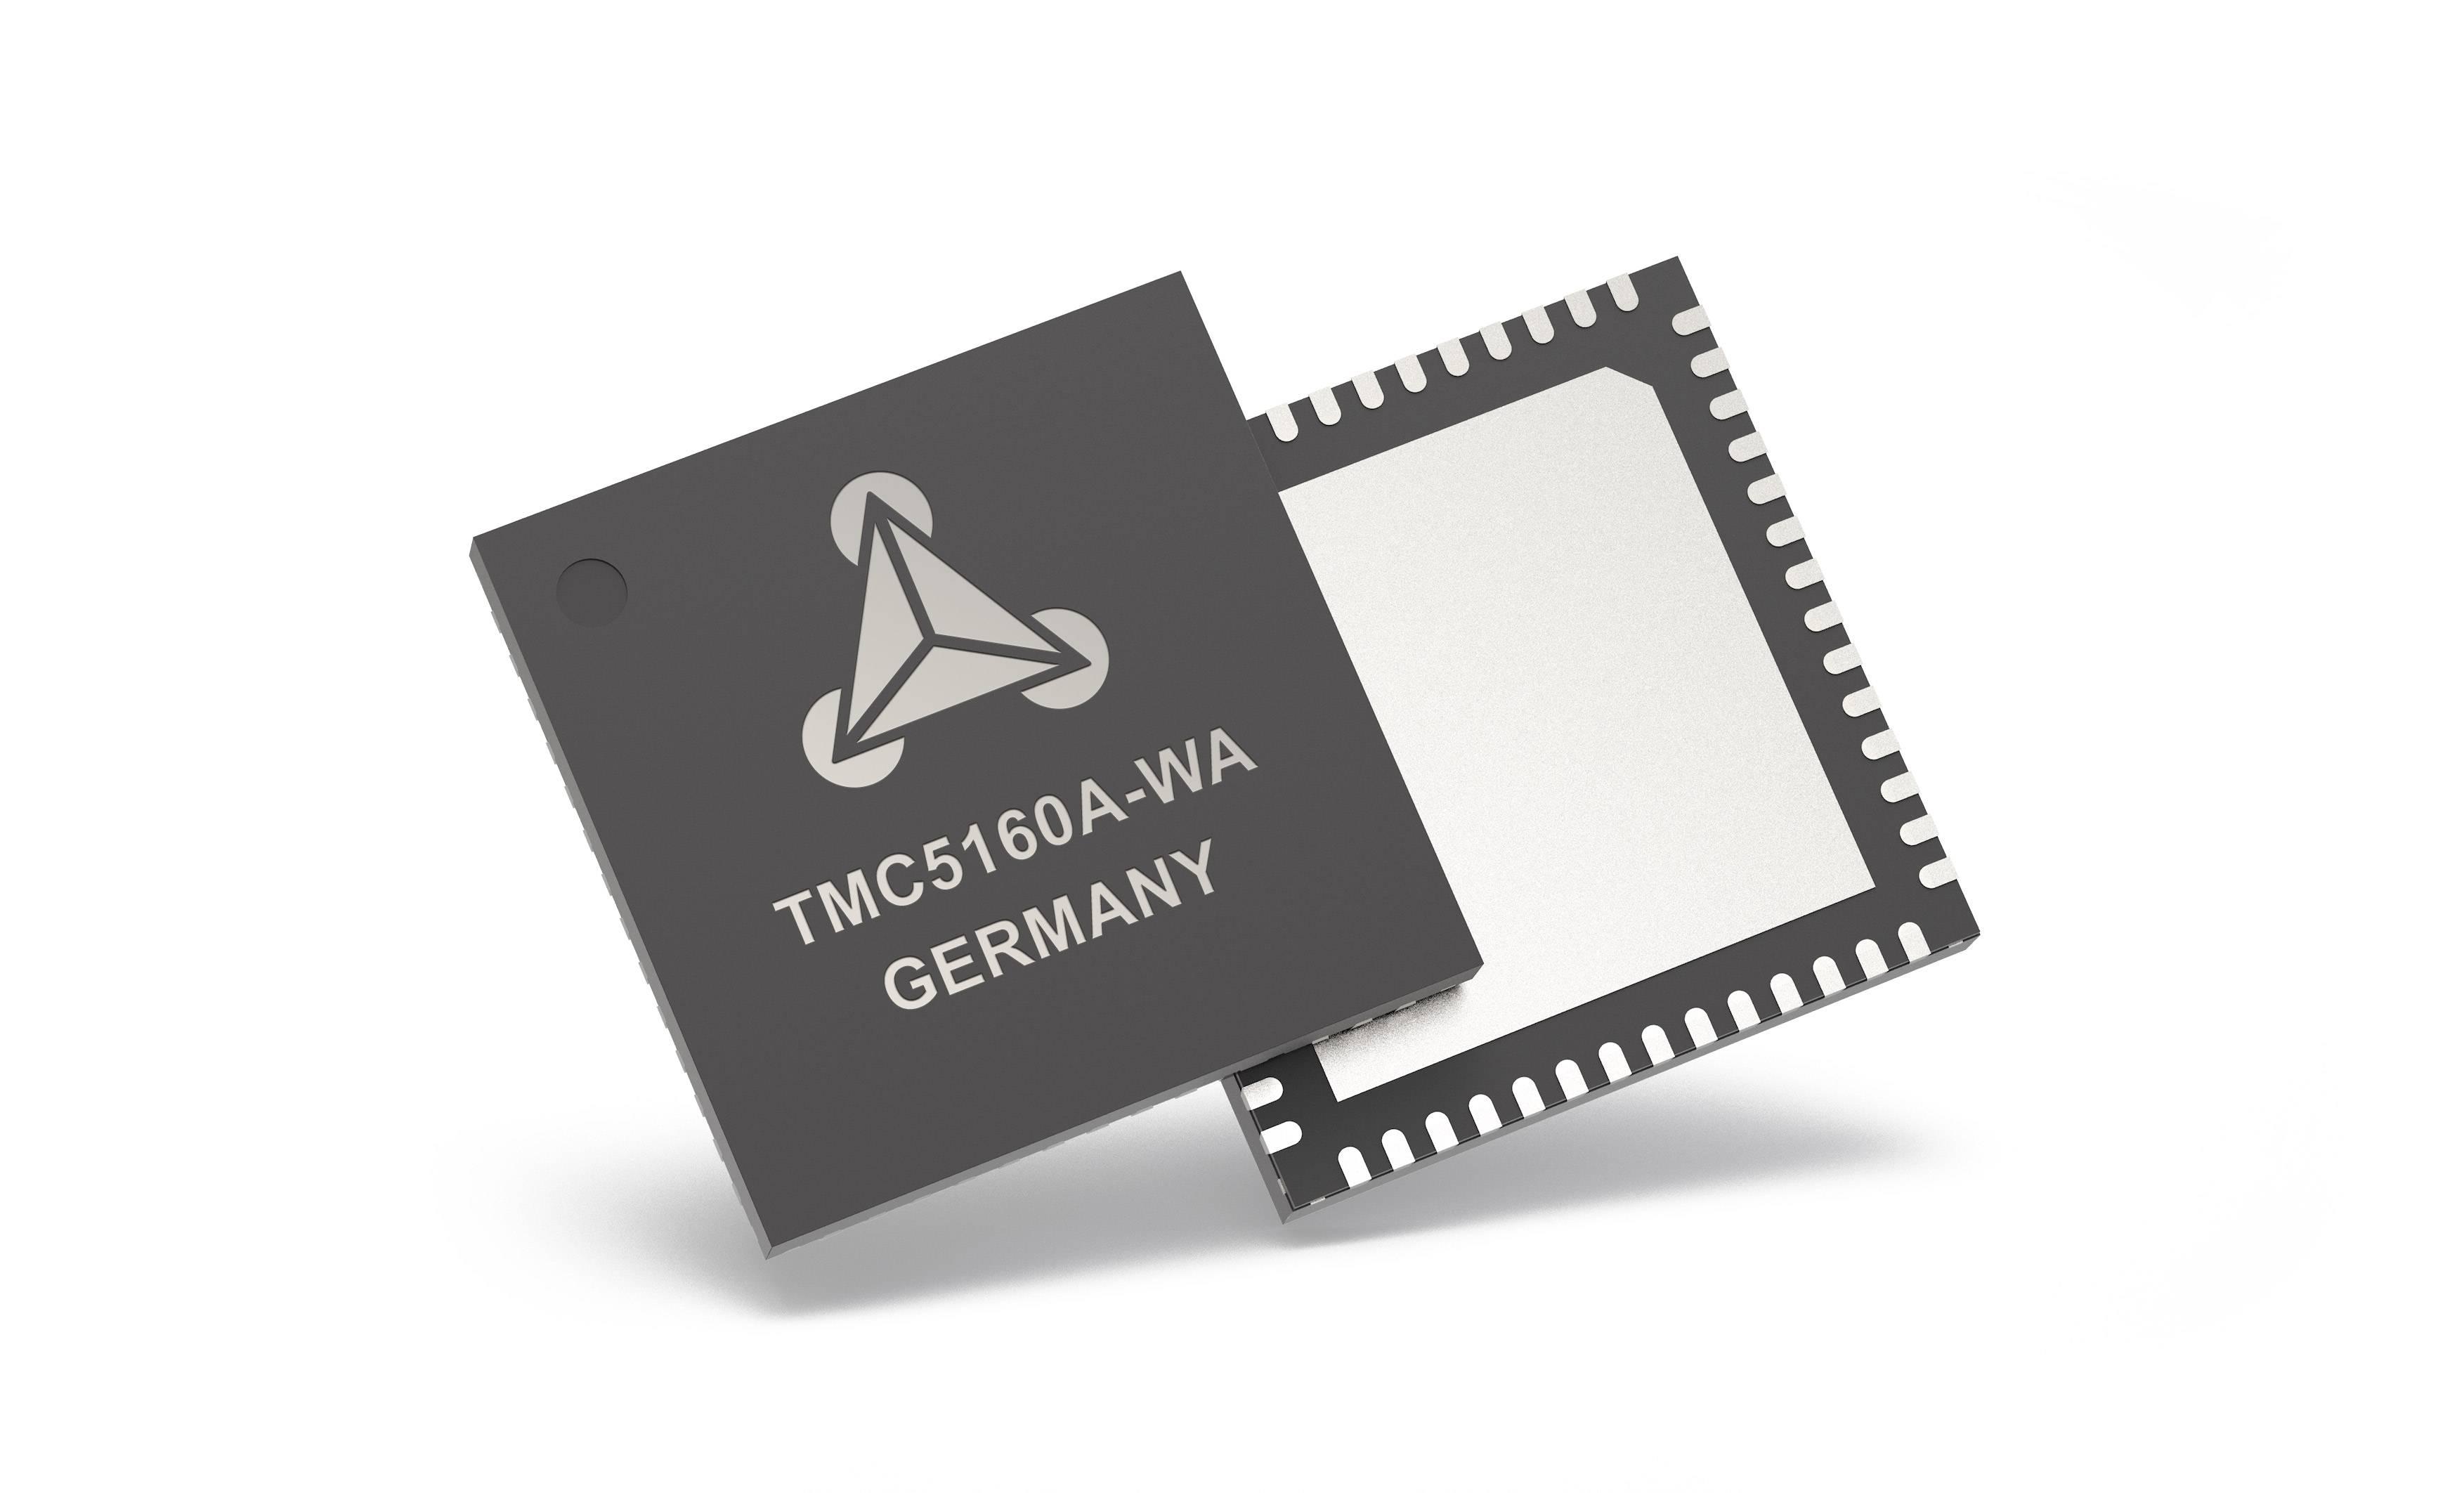 TMC5160A-WA